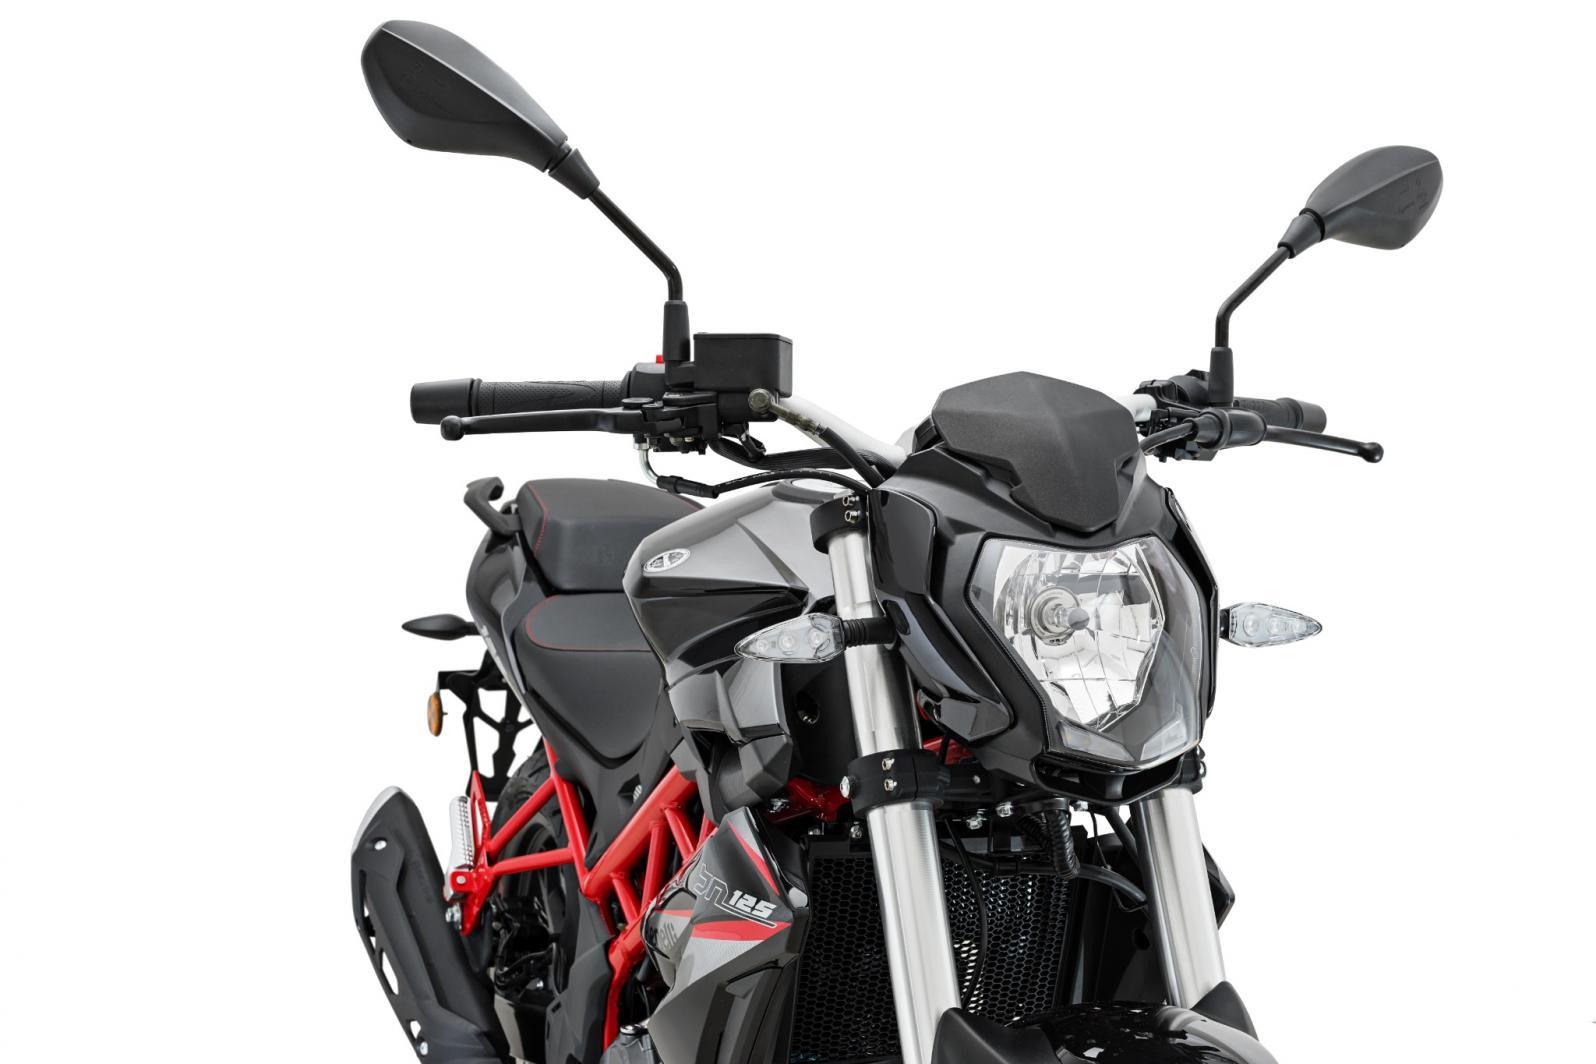 Benelli BN 125, la naked per i più giovani - Moto News